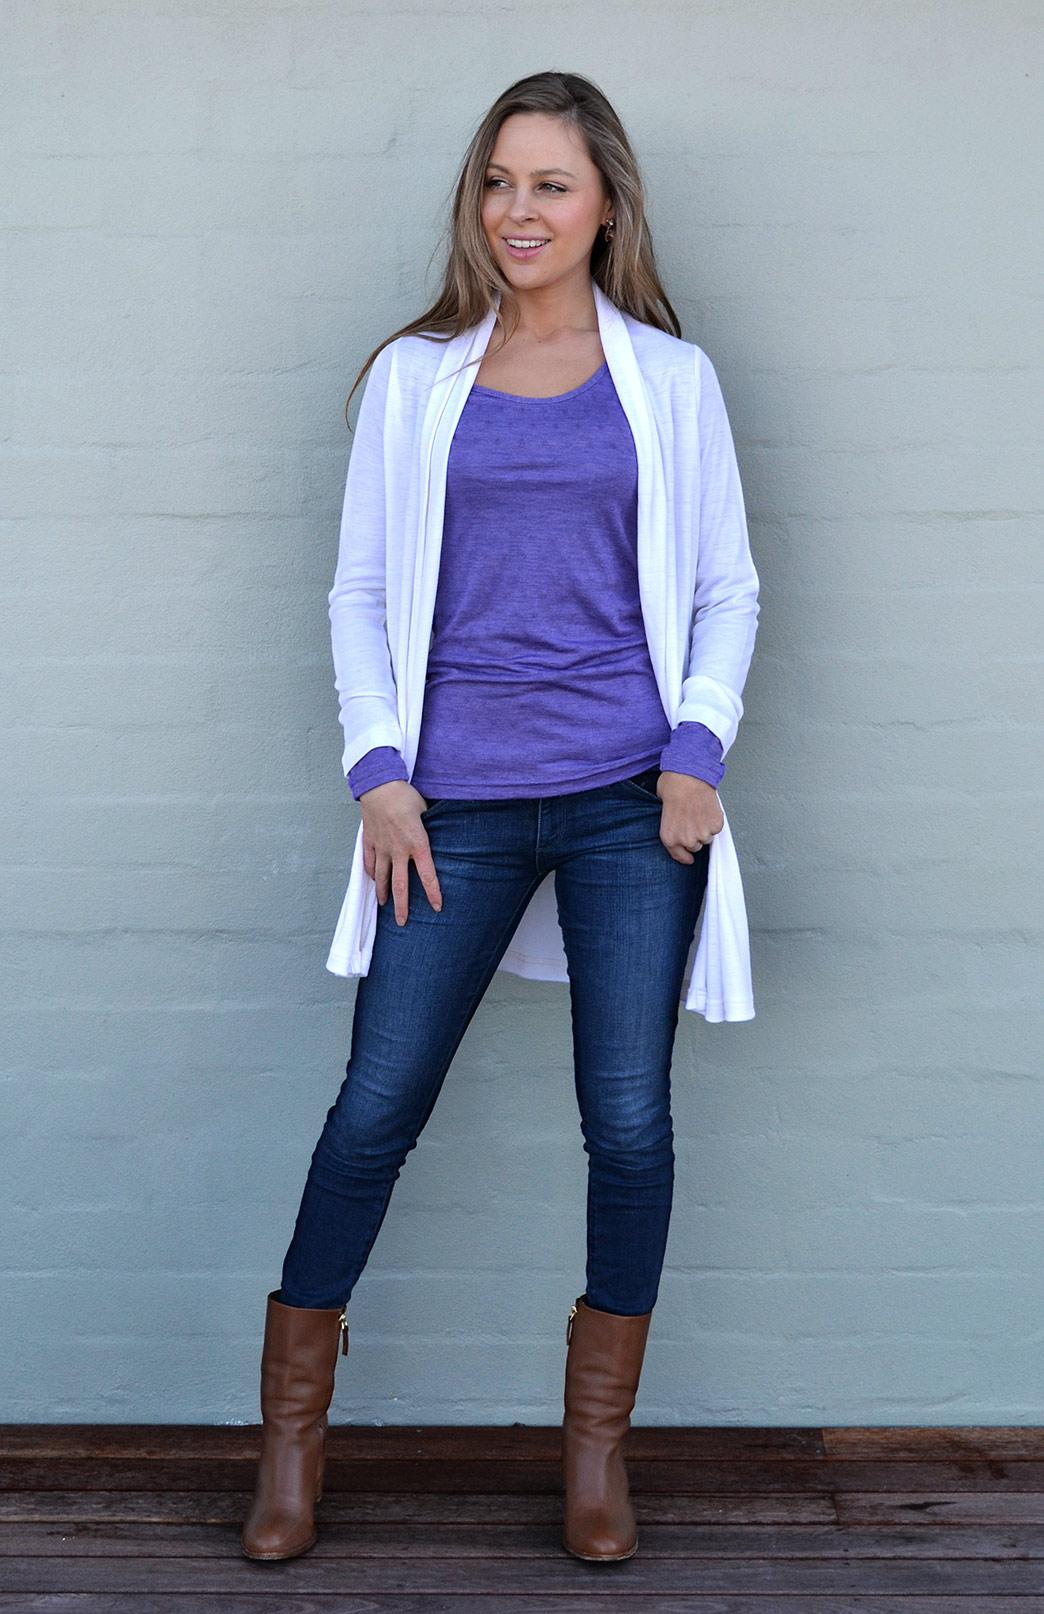 Drape Cardigan - Women's Ivory White Pure Merino Wool Drape Long Cardigan - Smitten Merino Tasmania Australia